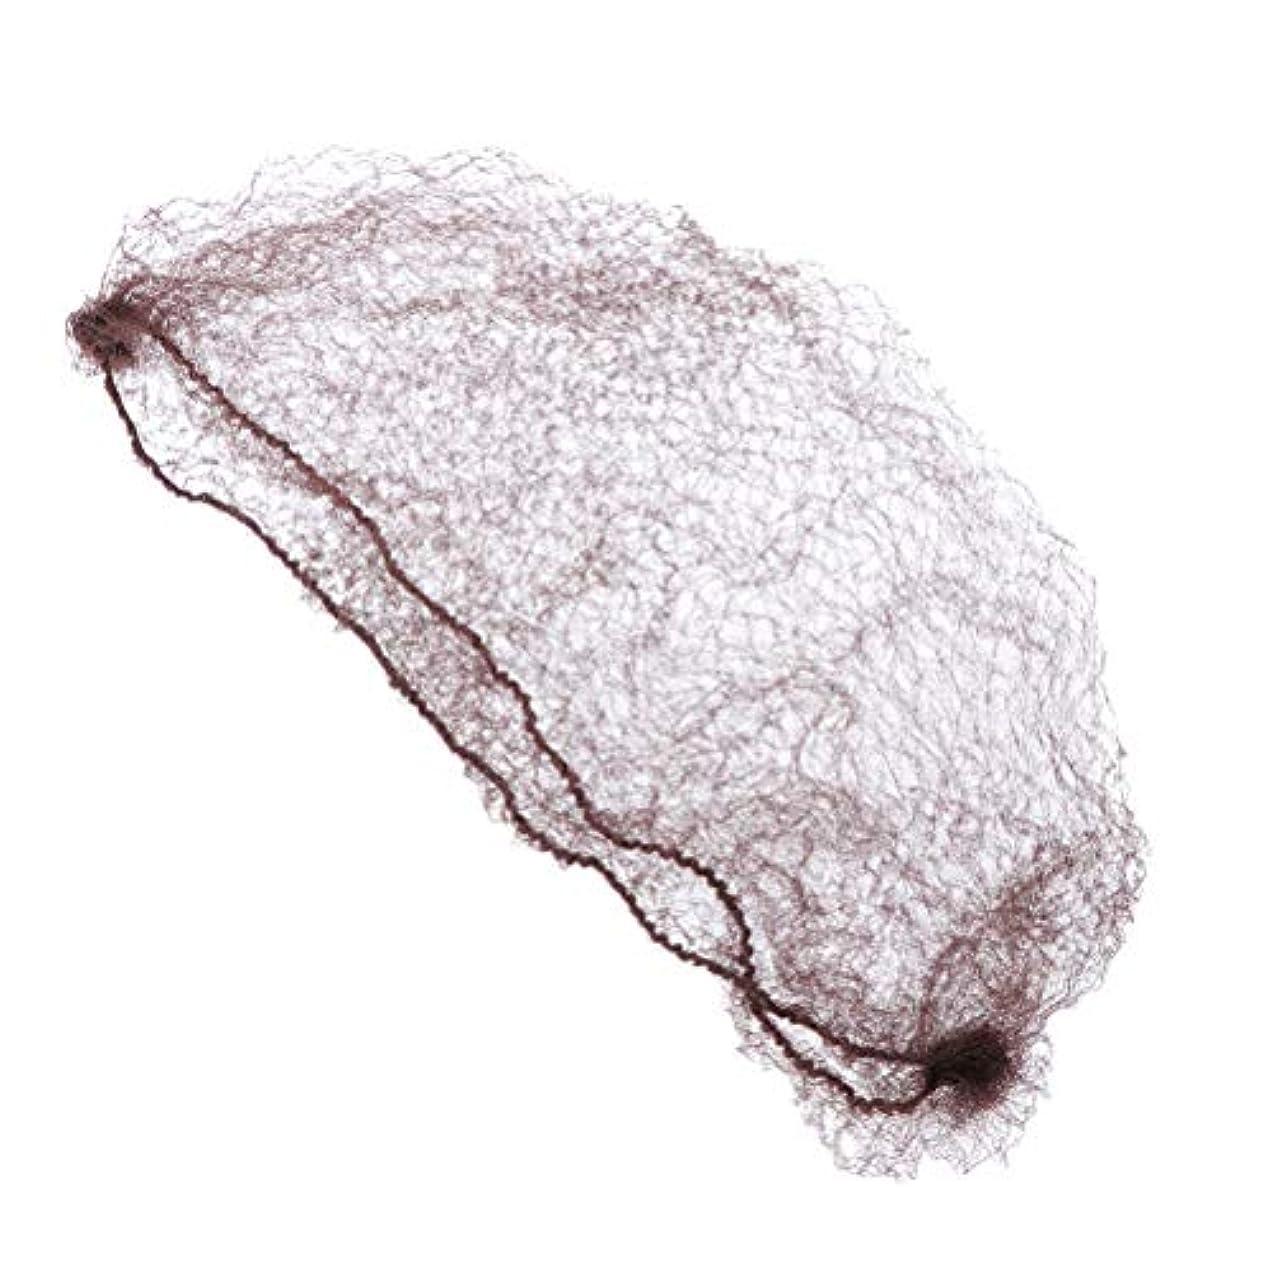 教知り合いになる談話Frcolor ヘアネット 髪ネット 目に見えない 弾性 団子ドレスアップ アクセサリー 再利用可能 100本 (コーヒー/ 50cm)